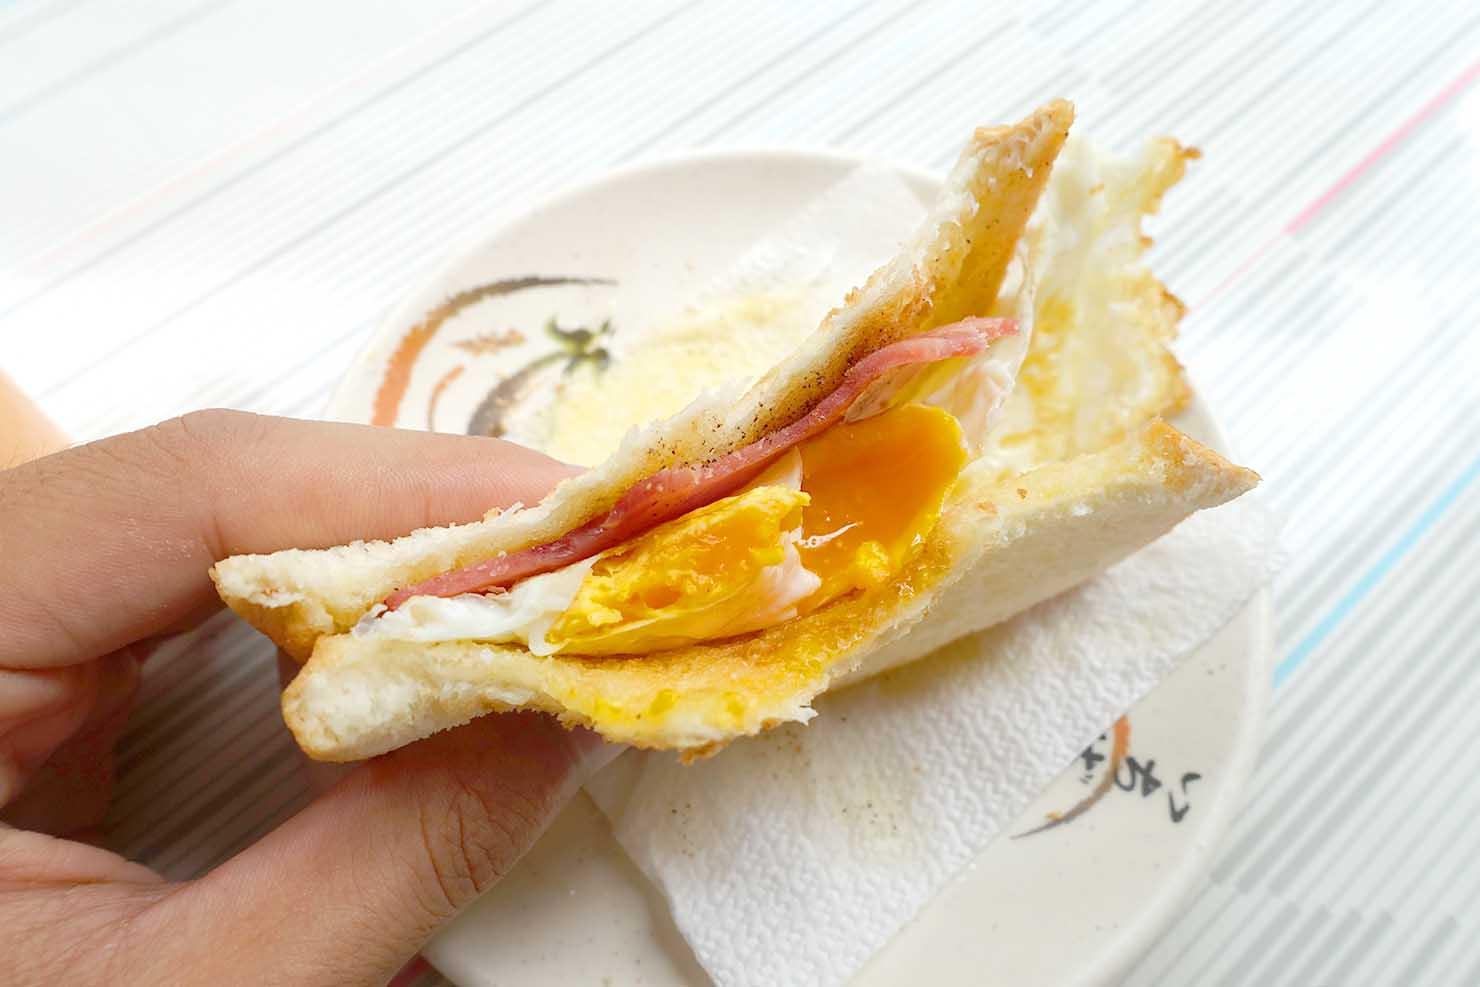 高雄・美麗島の老舗朝ごはん屋さん「老江紅茶牛奶」の火腿蛋吐司(ハムエッグトースト)